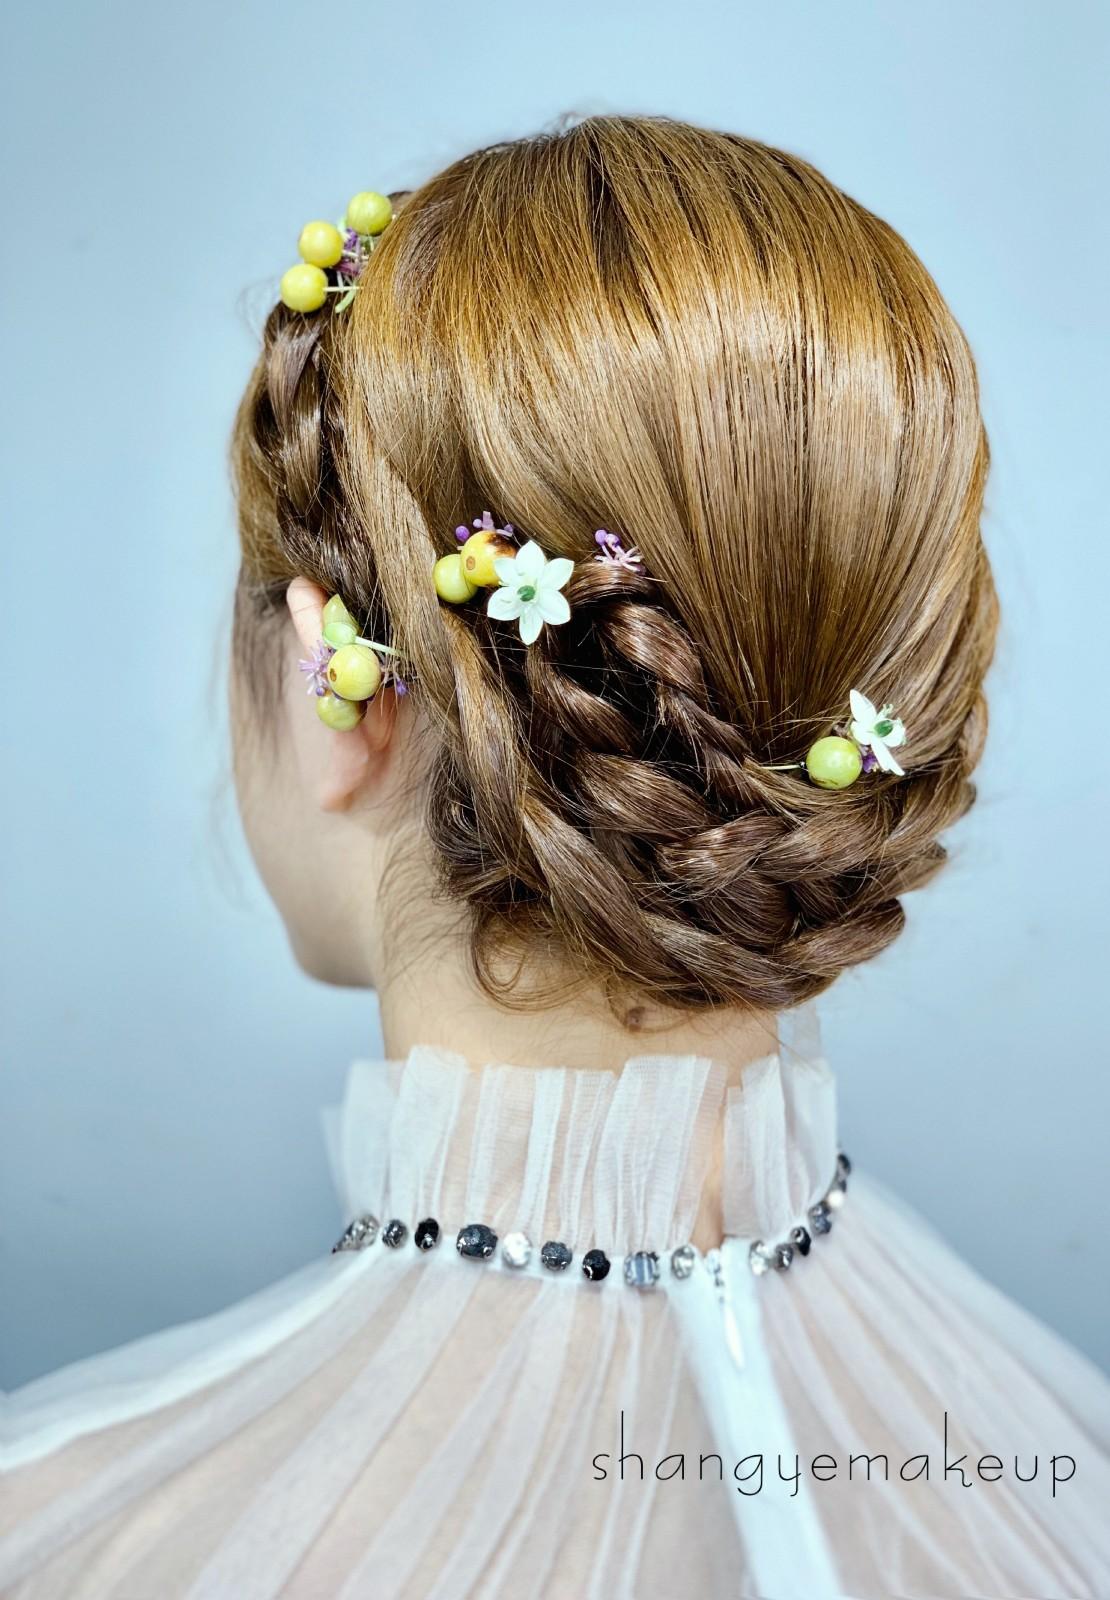 时尚编发+浪漫鲜花,简约干净的森系新娘造型图片